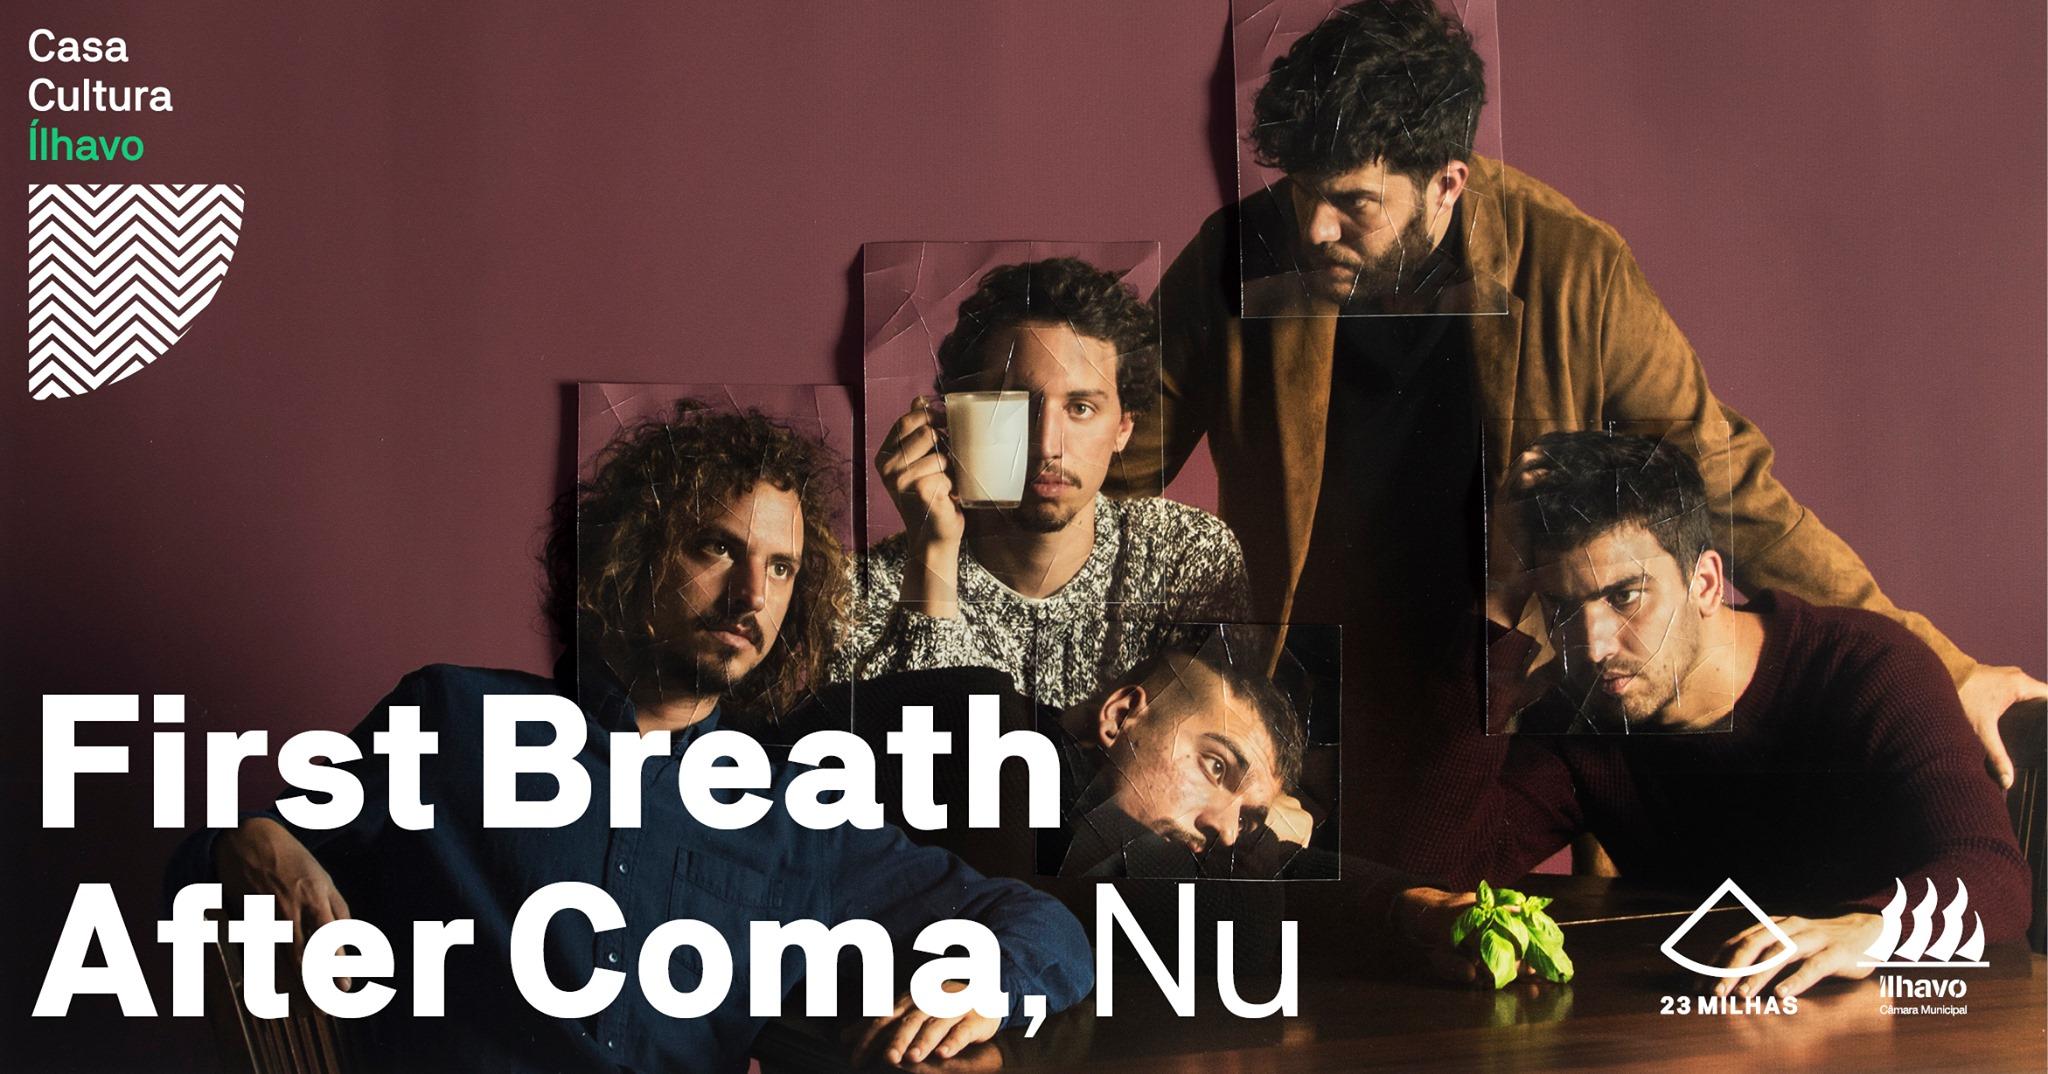 First Breath After Coma apresenta NU